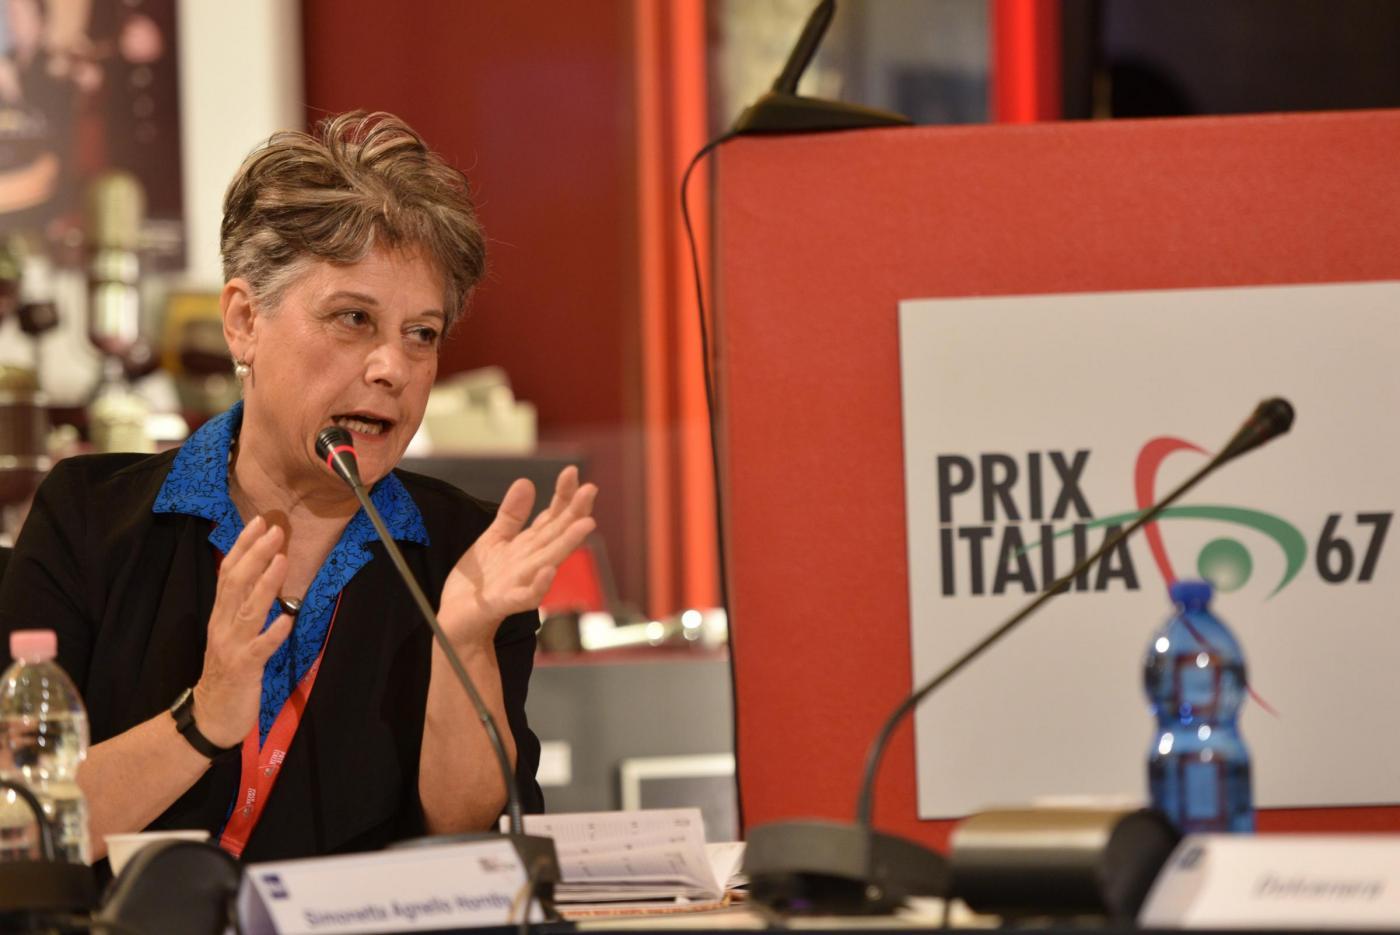 Prix Italia 67